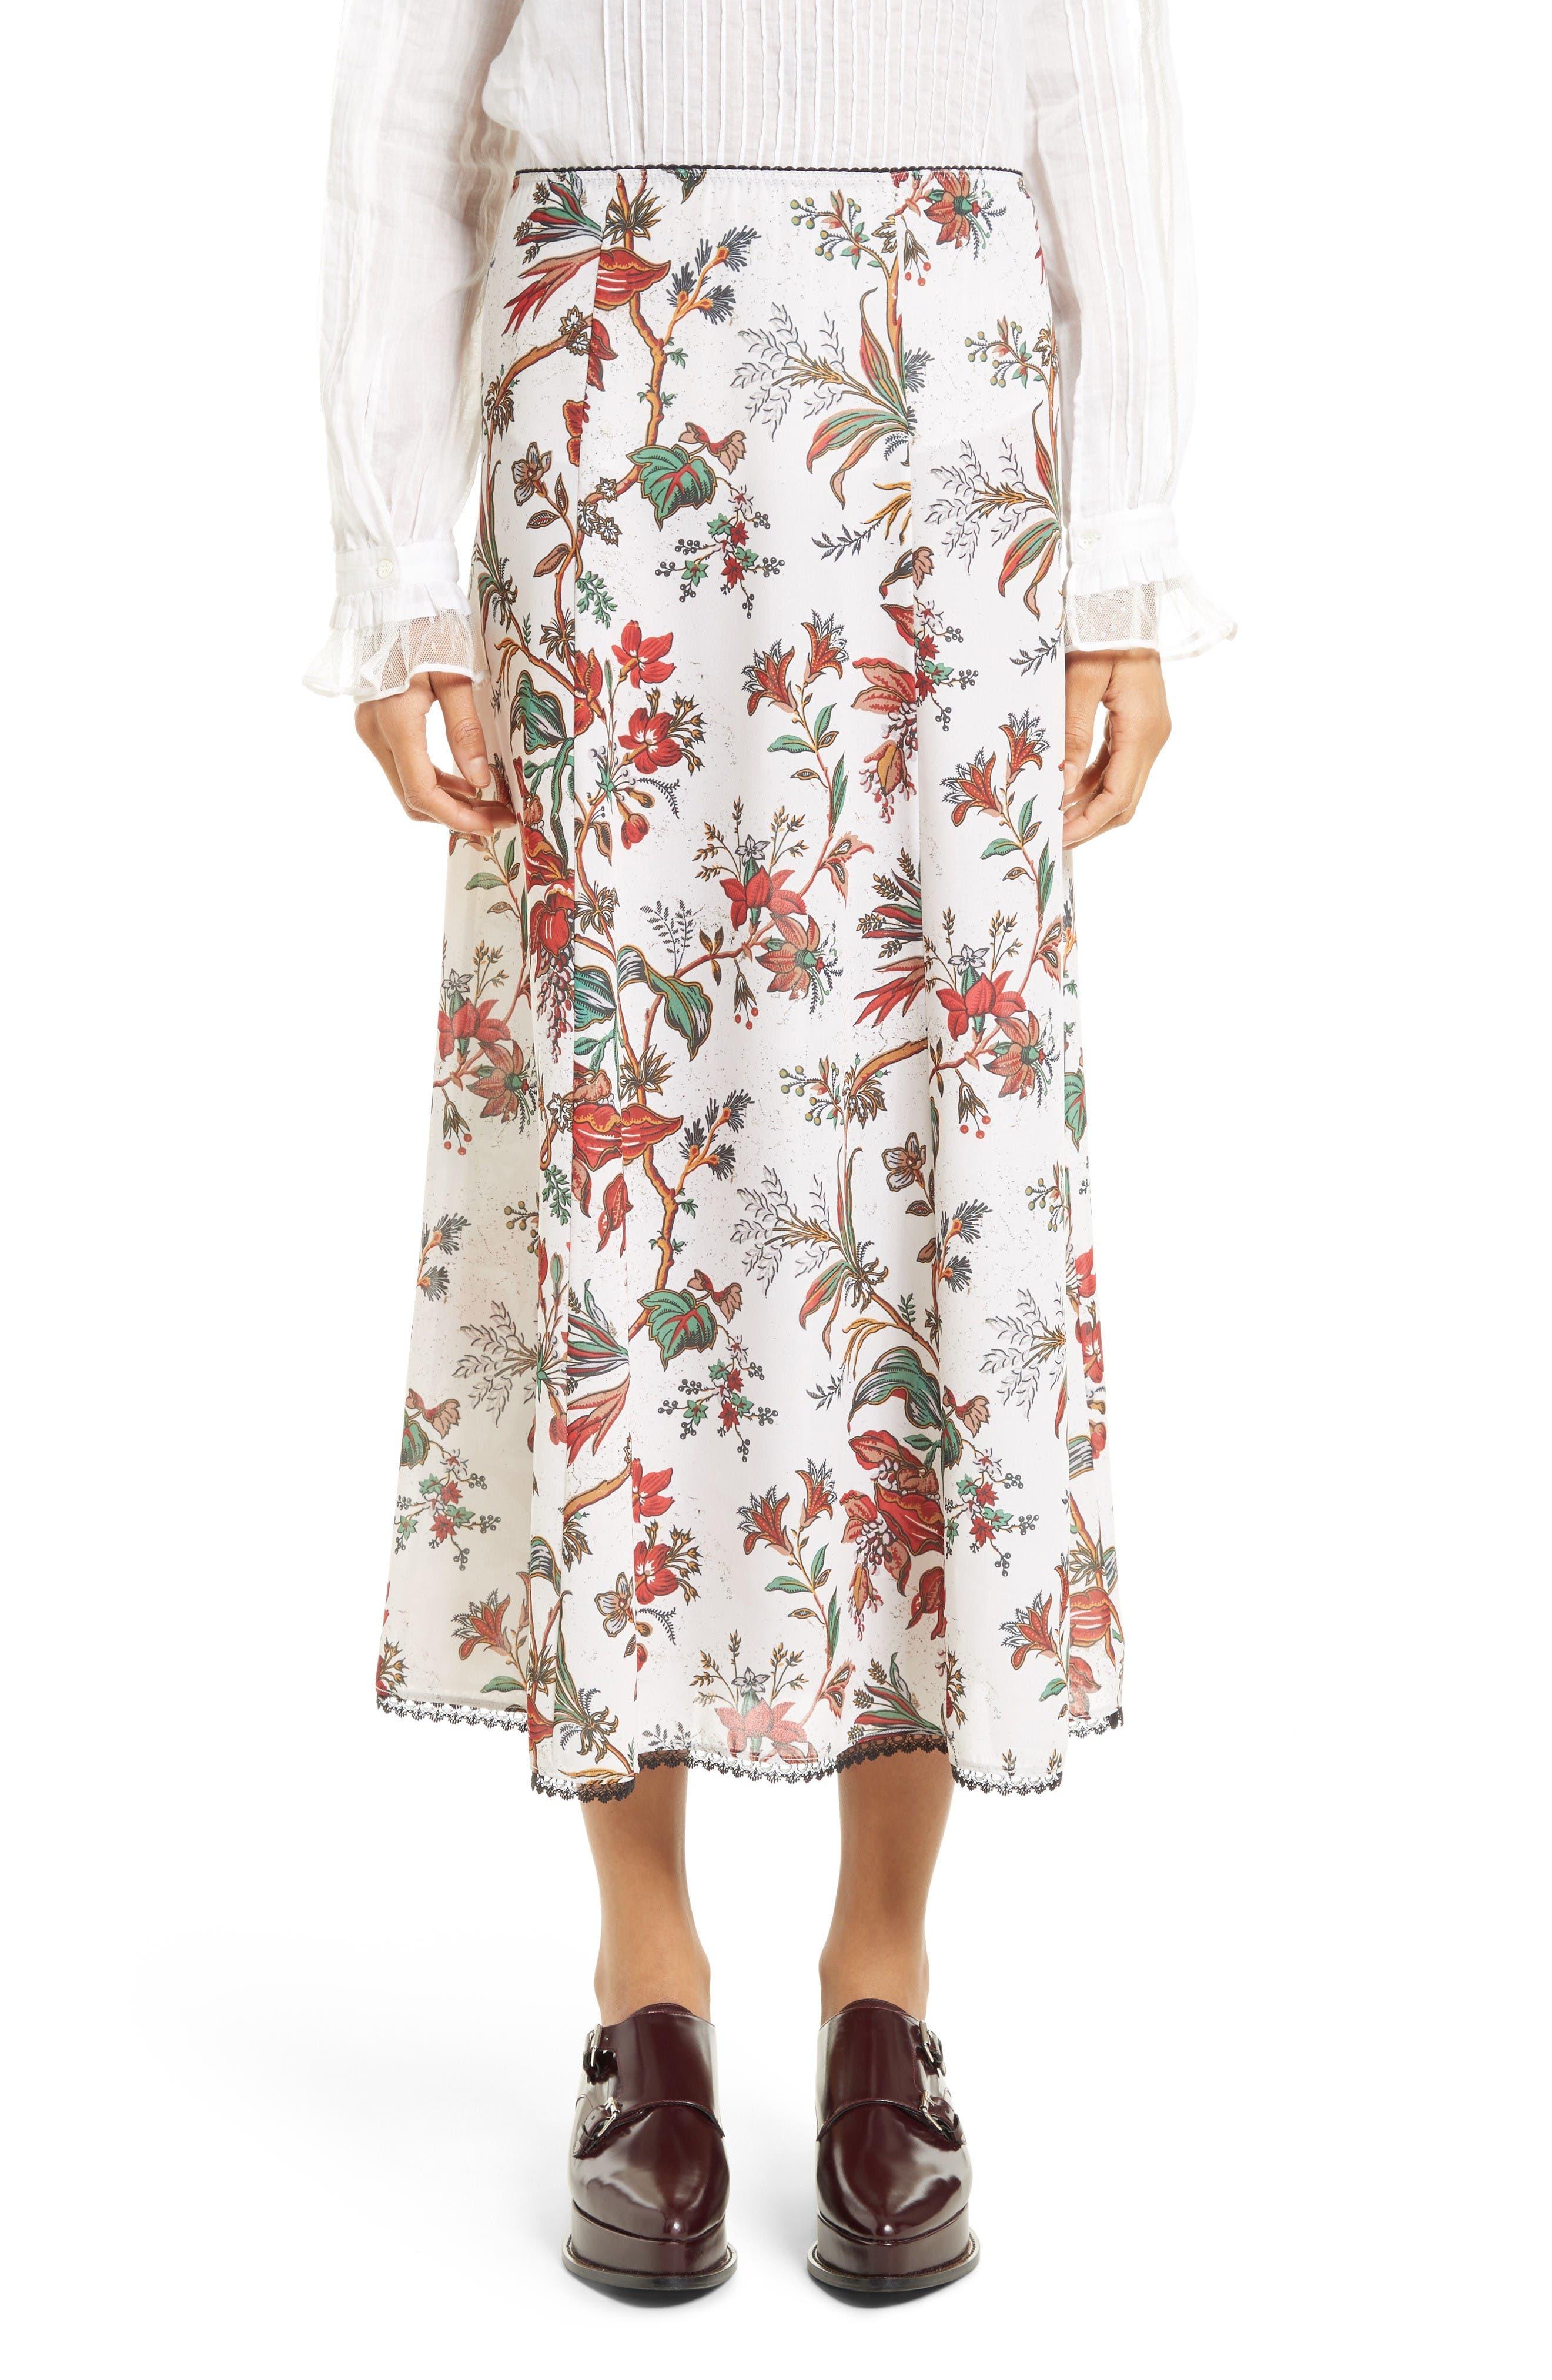 McQ Alexander McQueen Floral Print Skirt